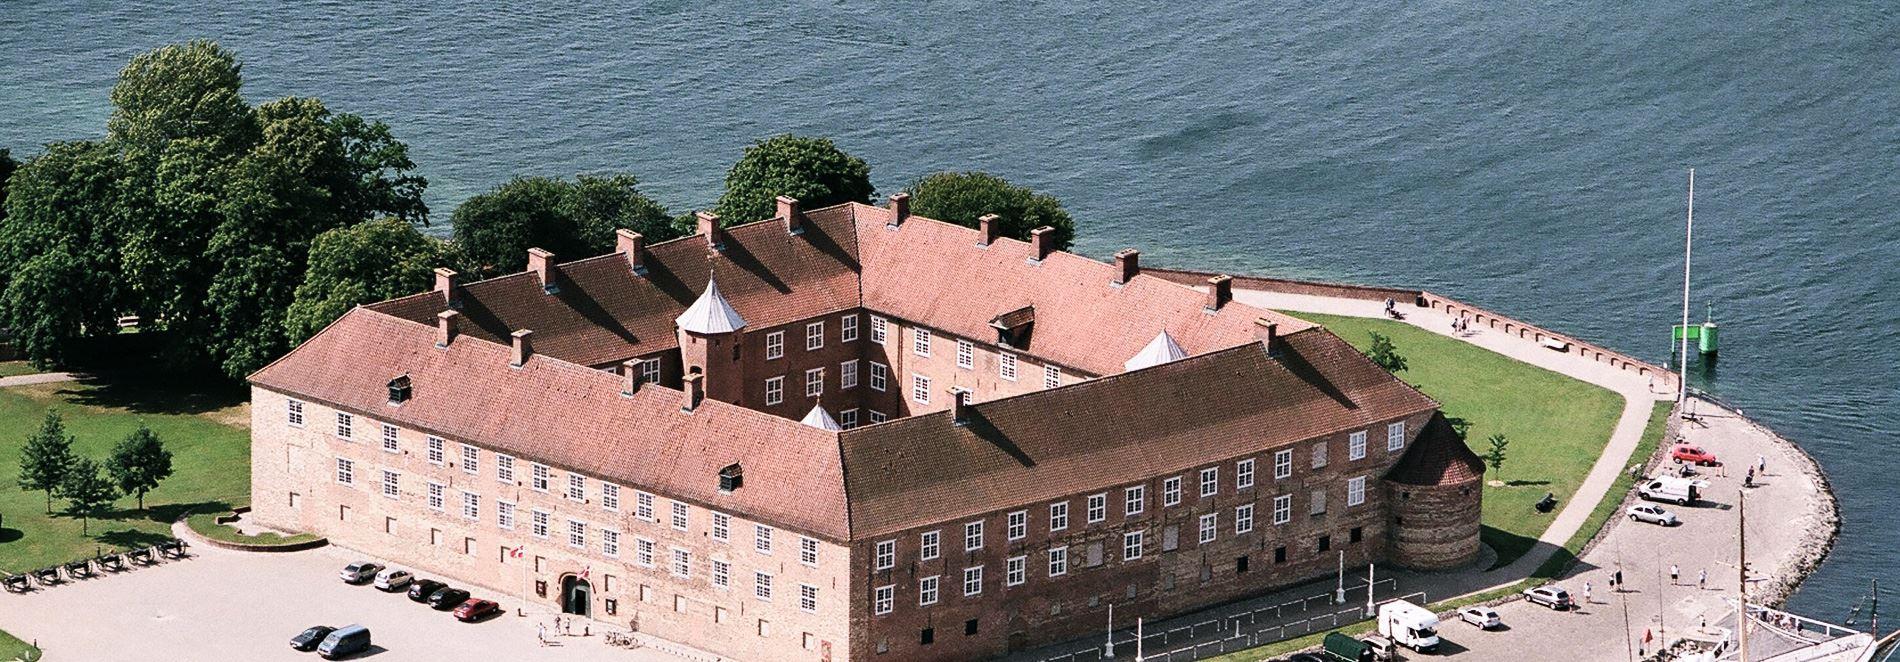 Kombiticket Sterneattraktionen Sønderborg